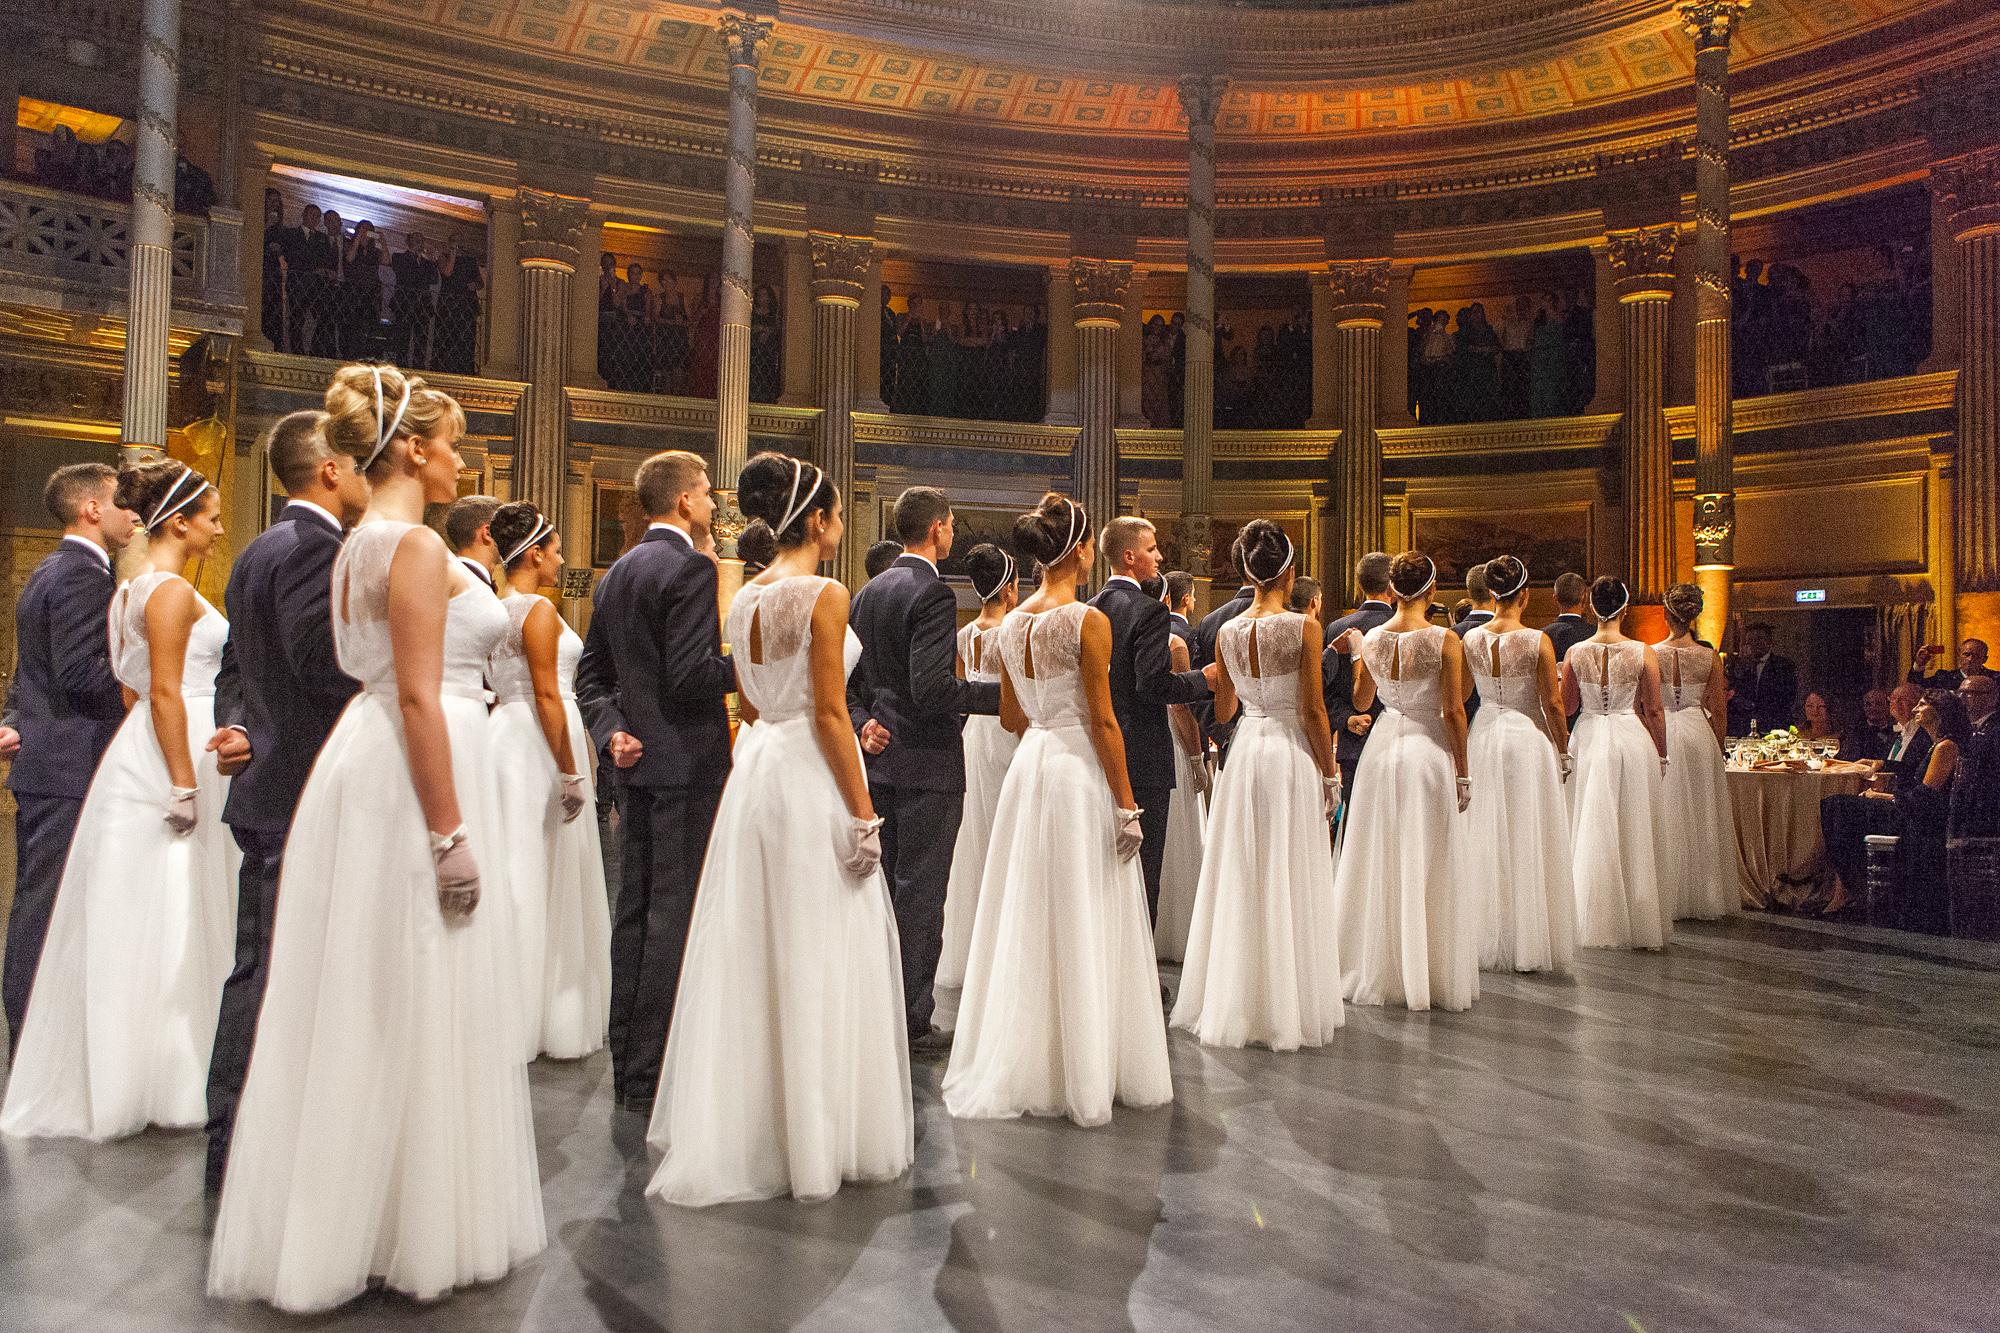 Come partecipare al ballo delle debuttanti | Notizie.it